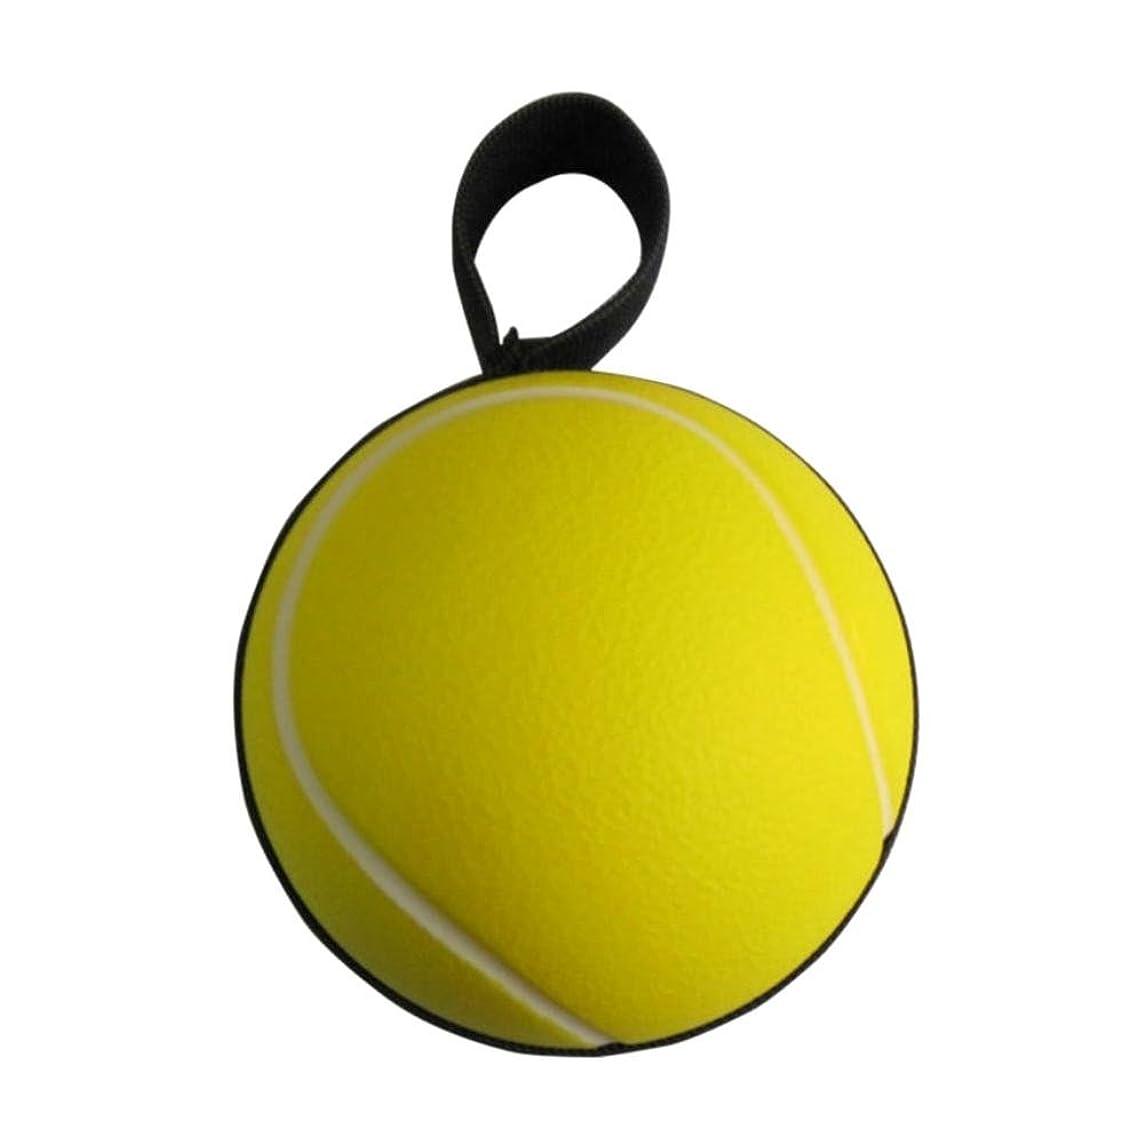 カスタム面倒リンスLacyie リハビリ ボール 器具 指の力 手 握力 強度トレーニング練習ボール 回復 トレーニング グッズ 脳梗塞 脳卒中 介護 ストレス解消 運動 サポーター